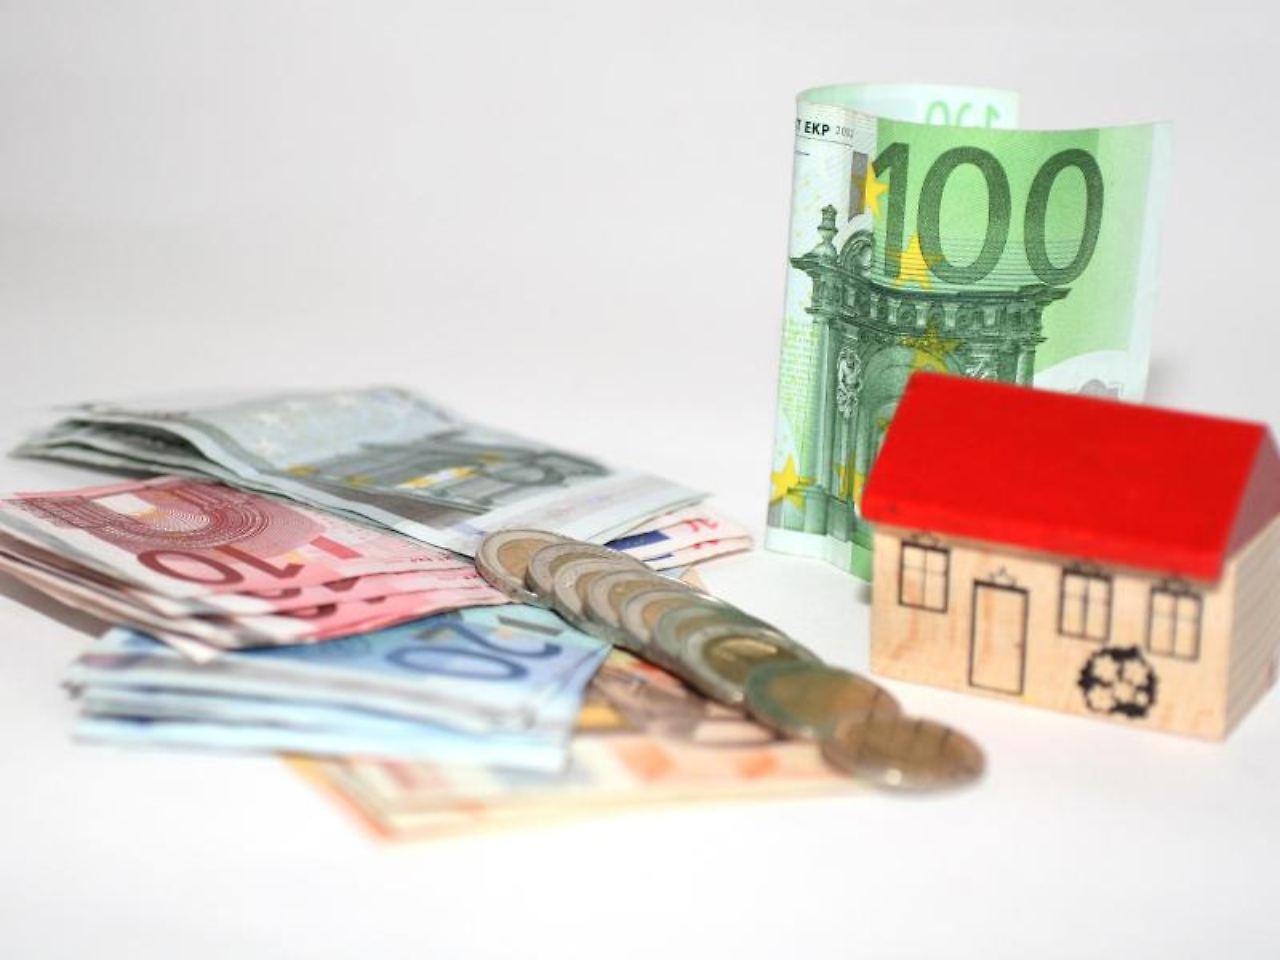 wenig zinsen f r hypothekenkredit umschuldung kann teuer. Black Bedroom Furniture Sets. Home Design Ideas